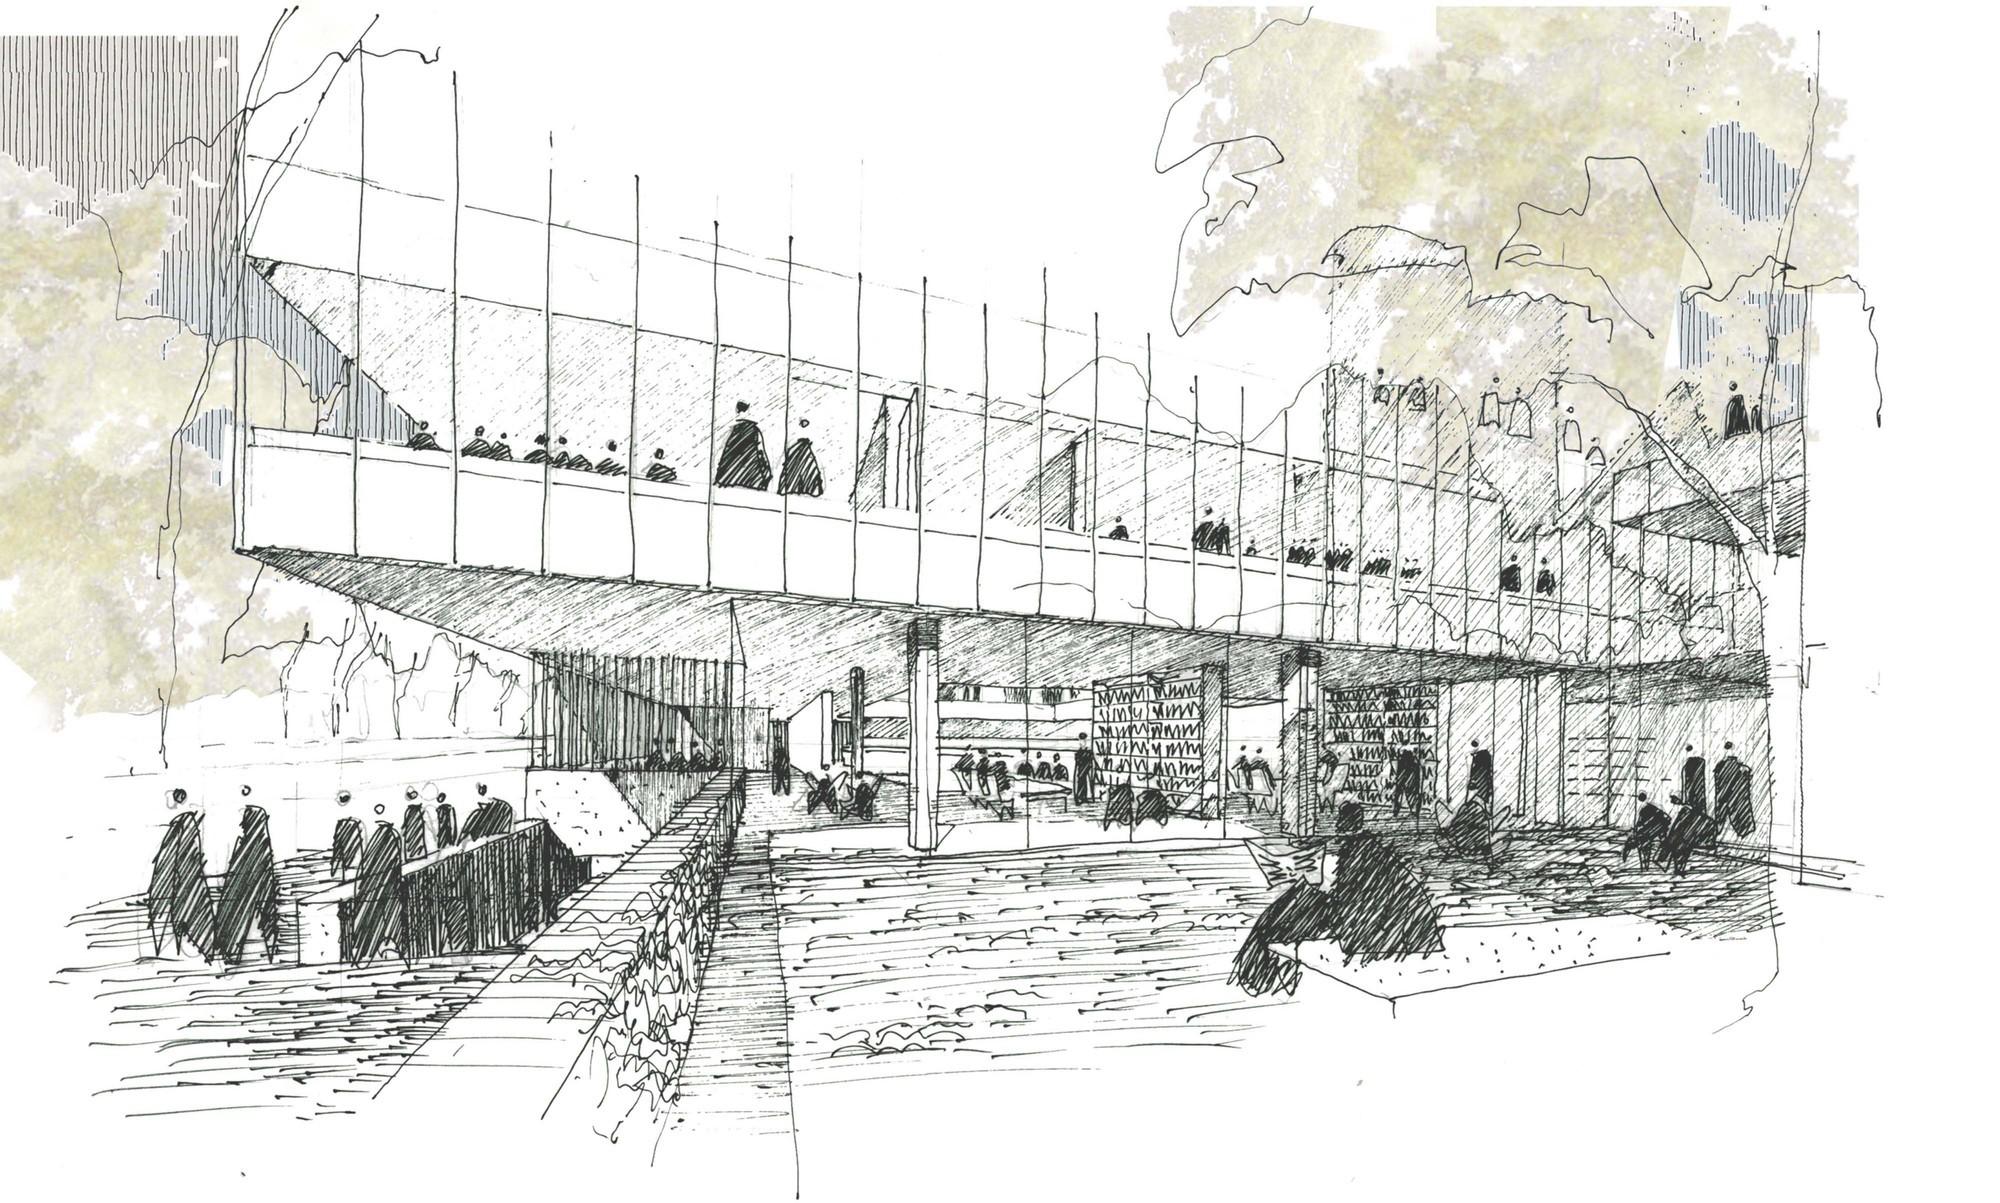 Opini n de nuestros lectores el rol del dibujo a mano en for 5 tecnicas de la arquitectura